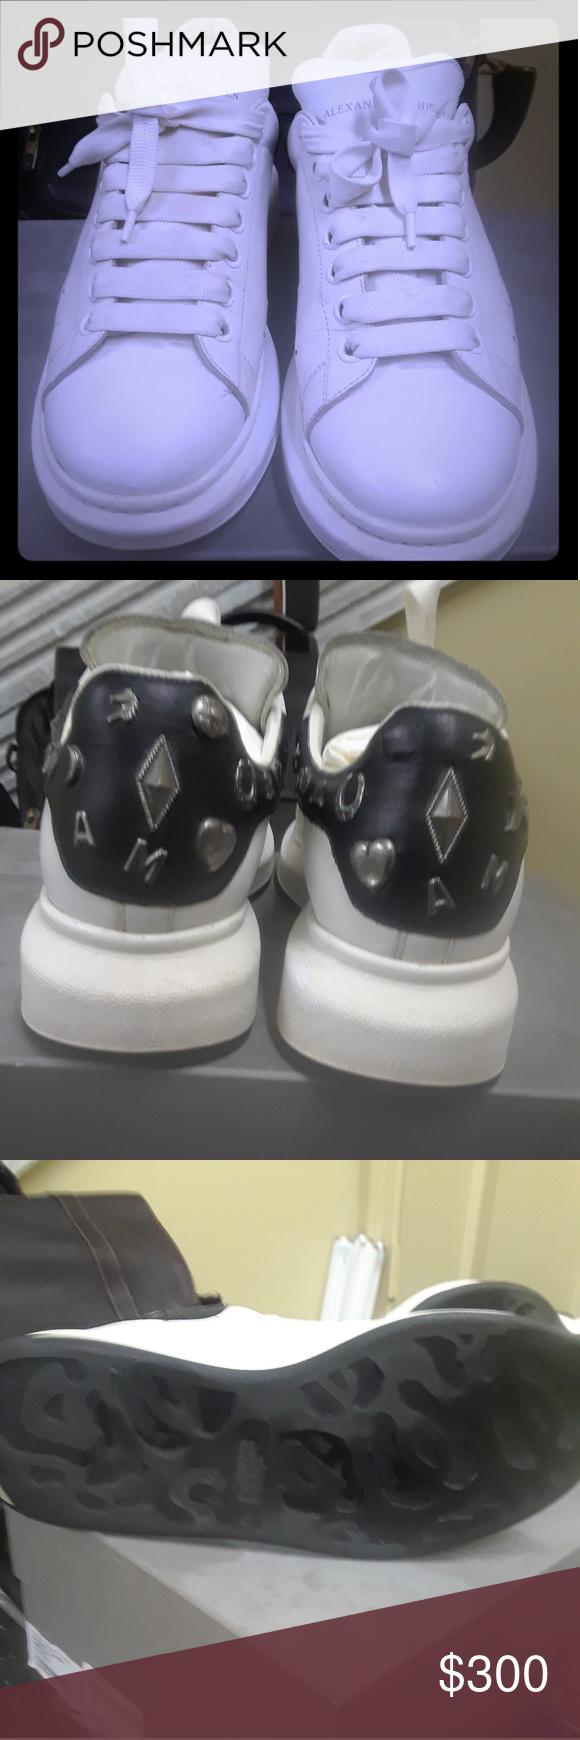 Alexander McQueen sneakers euro size 40